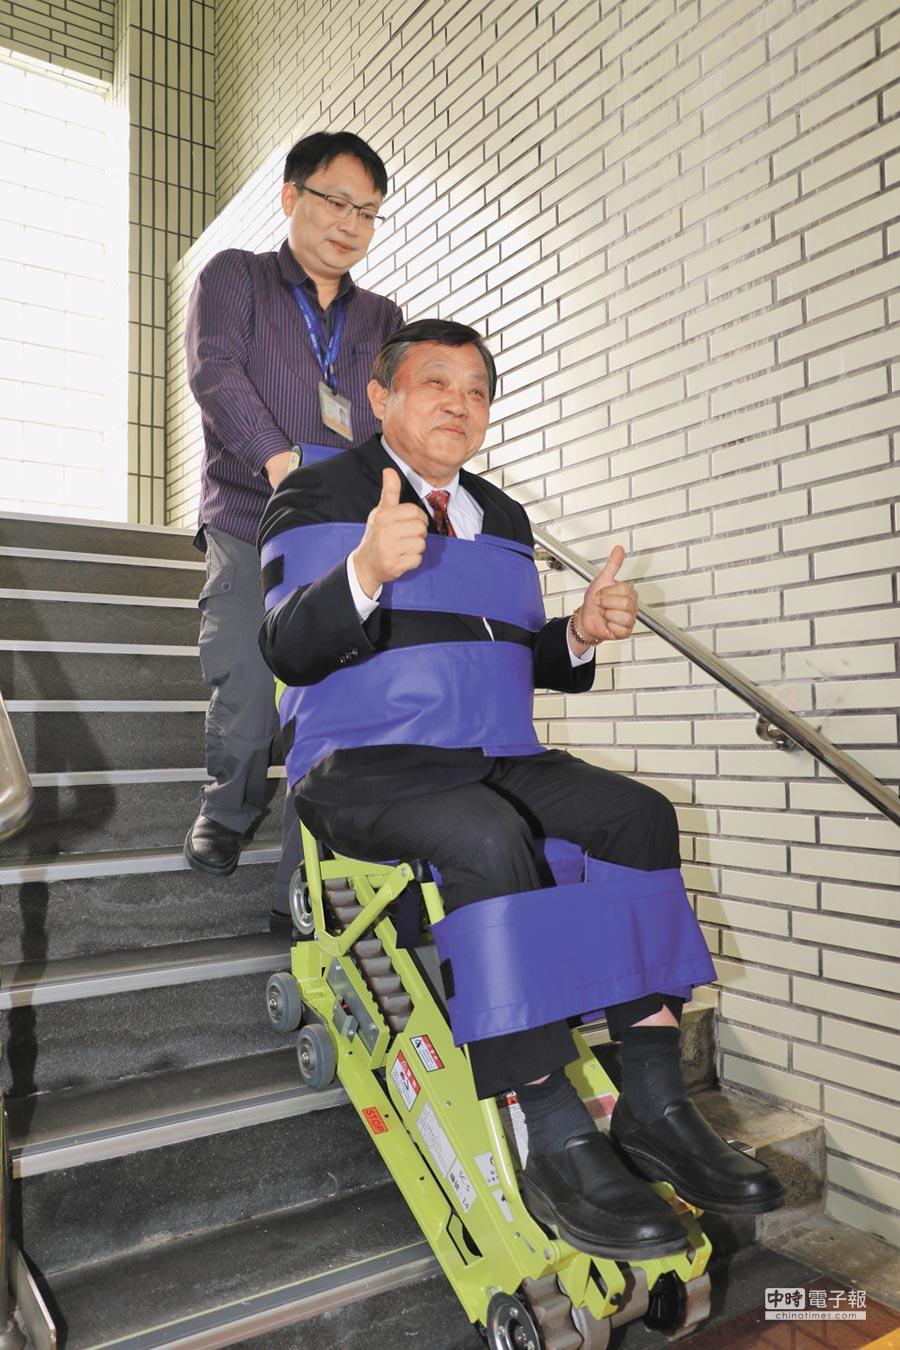 新北市議會無黨聯盟黨團總召蔡錦賢親自試坐爬梯機,直言市府應立即增加數量,供有需要民眾使用。(葉德正攝)